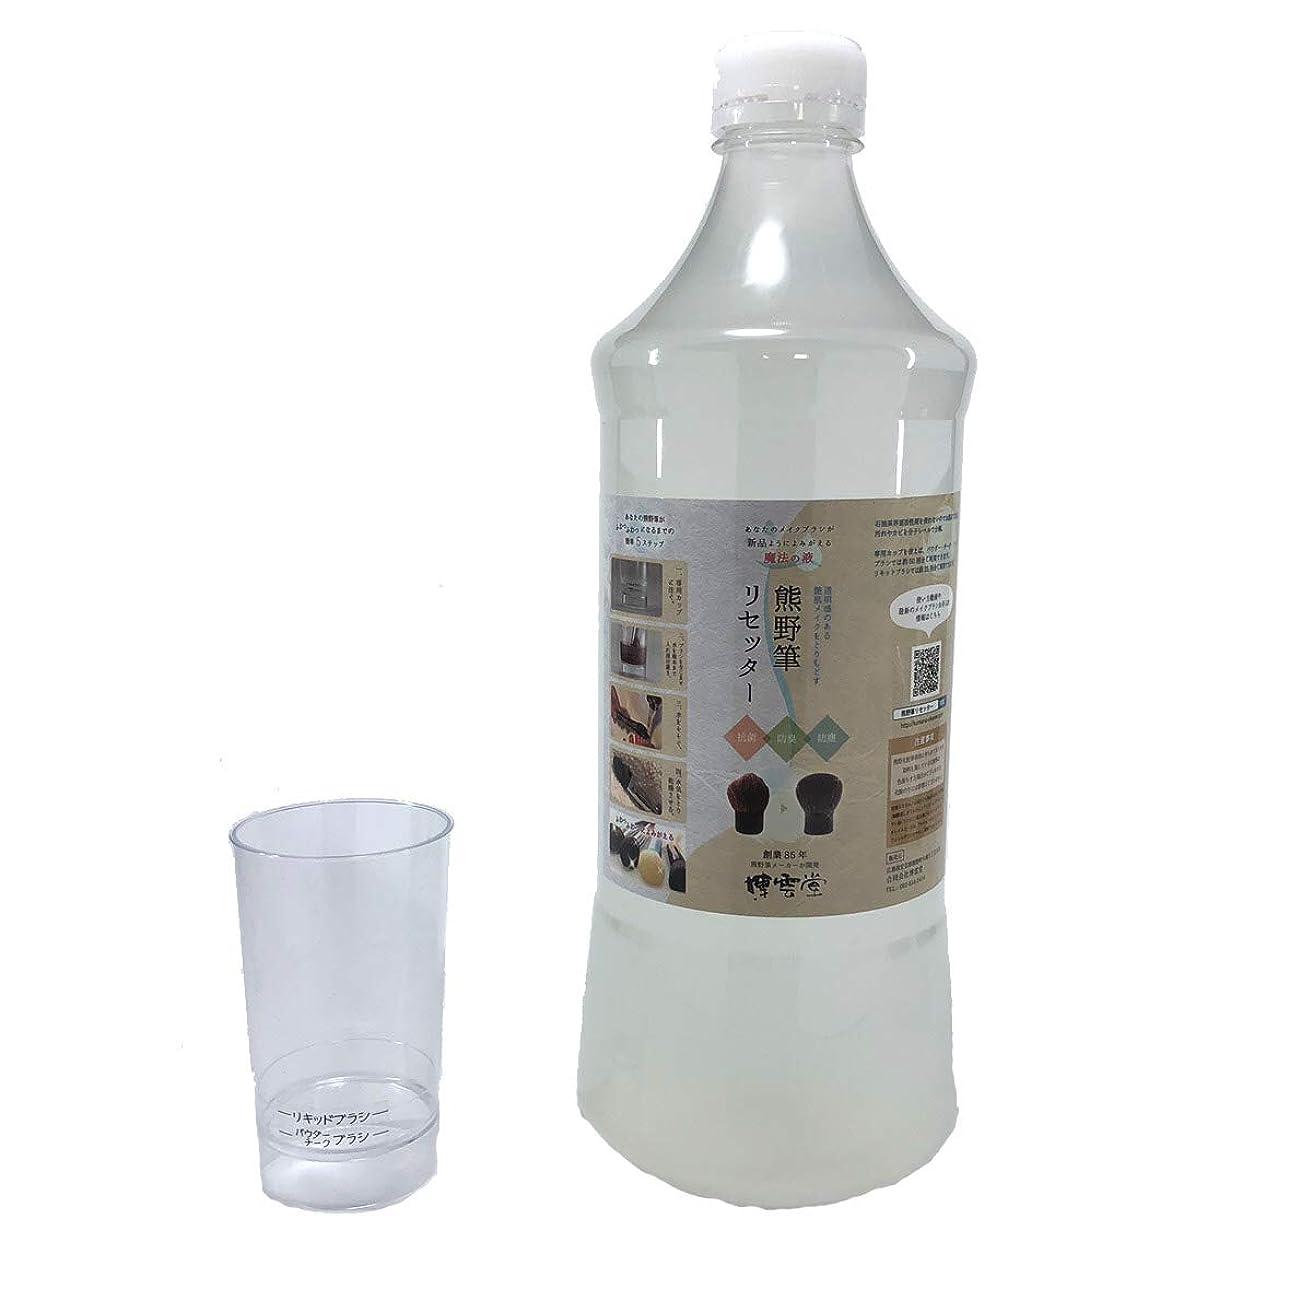 フラフープ複雑でない技術的なメイクブラシ?リセッター「熊野筆リセッター(洗浄カップ付き)」特大ボトル